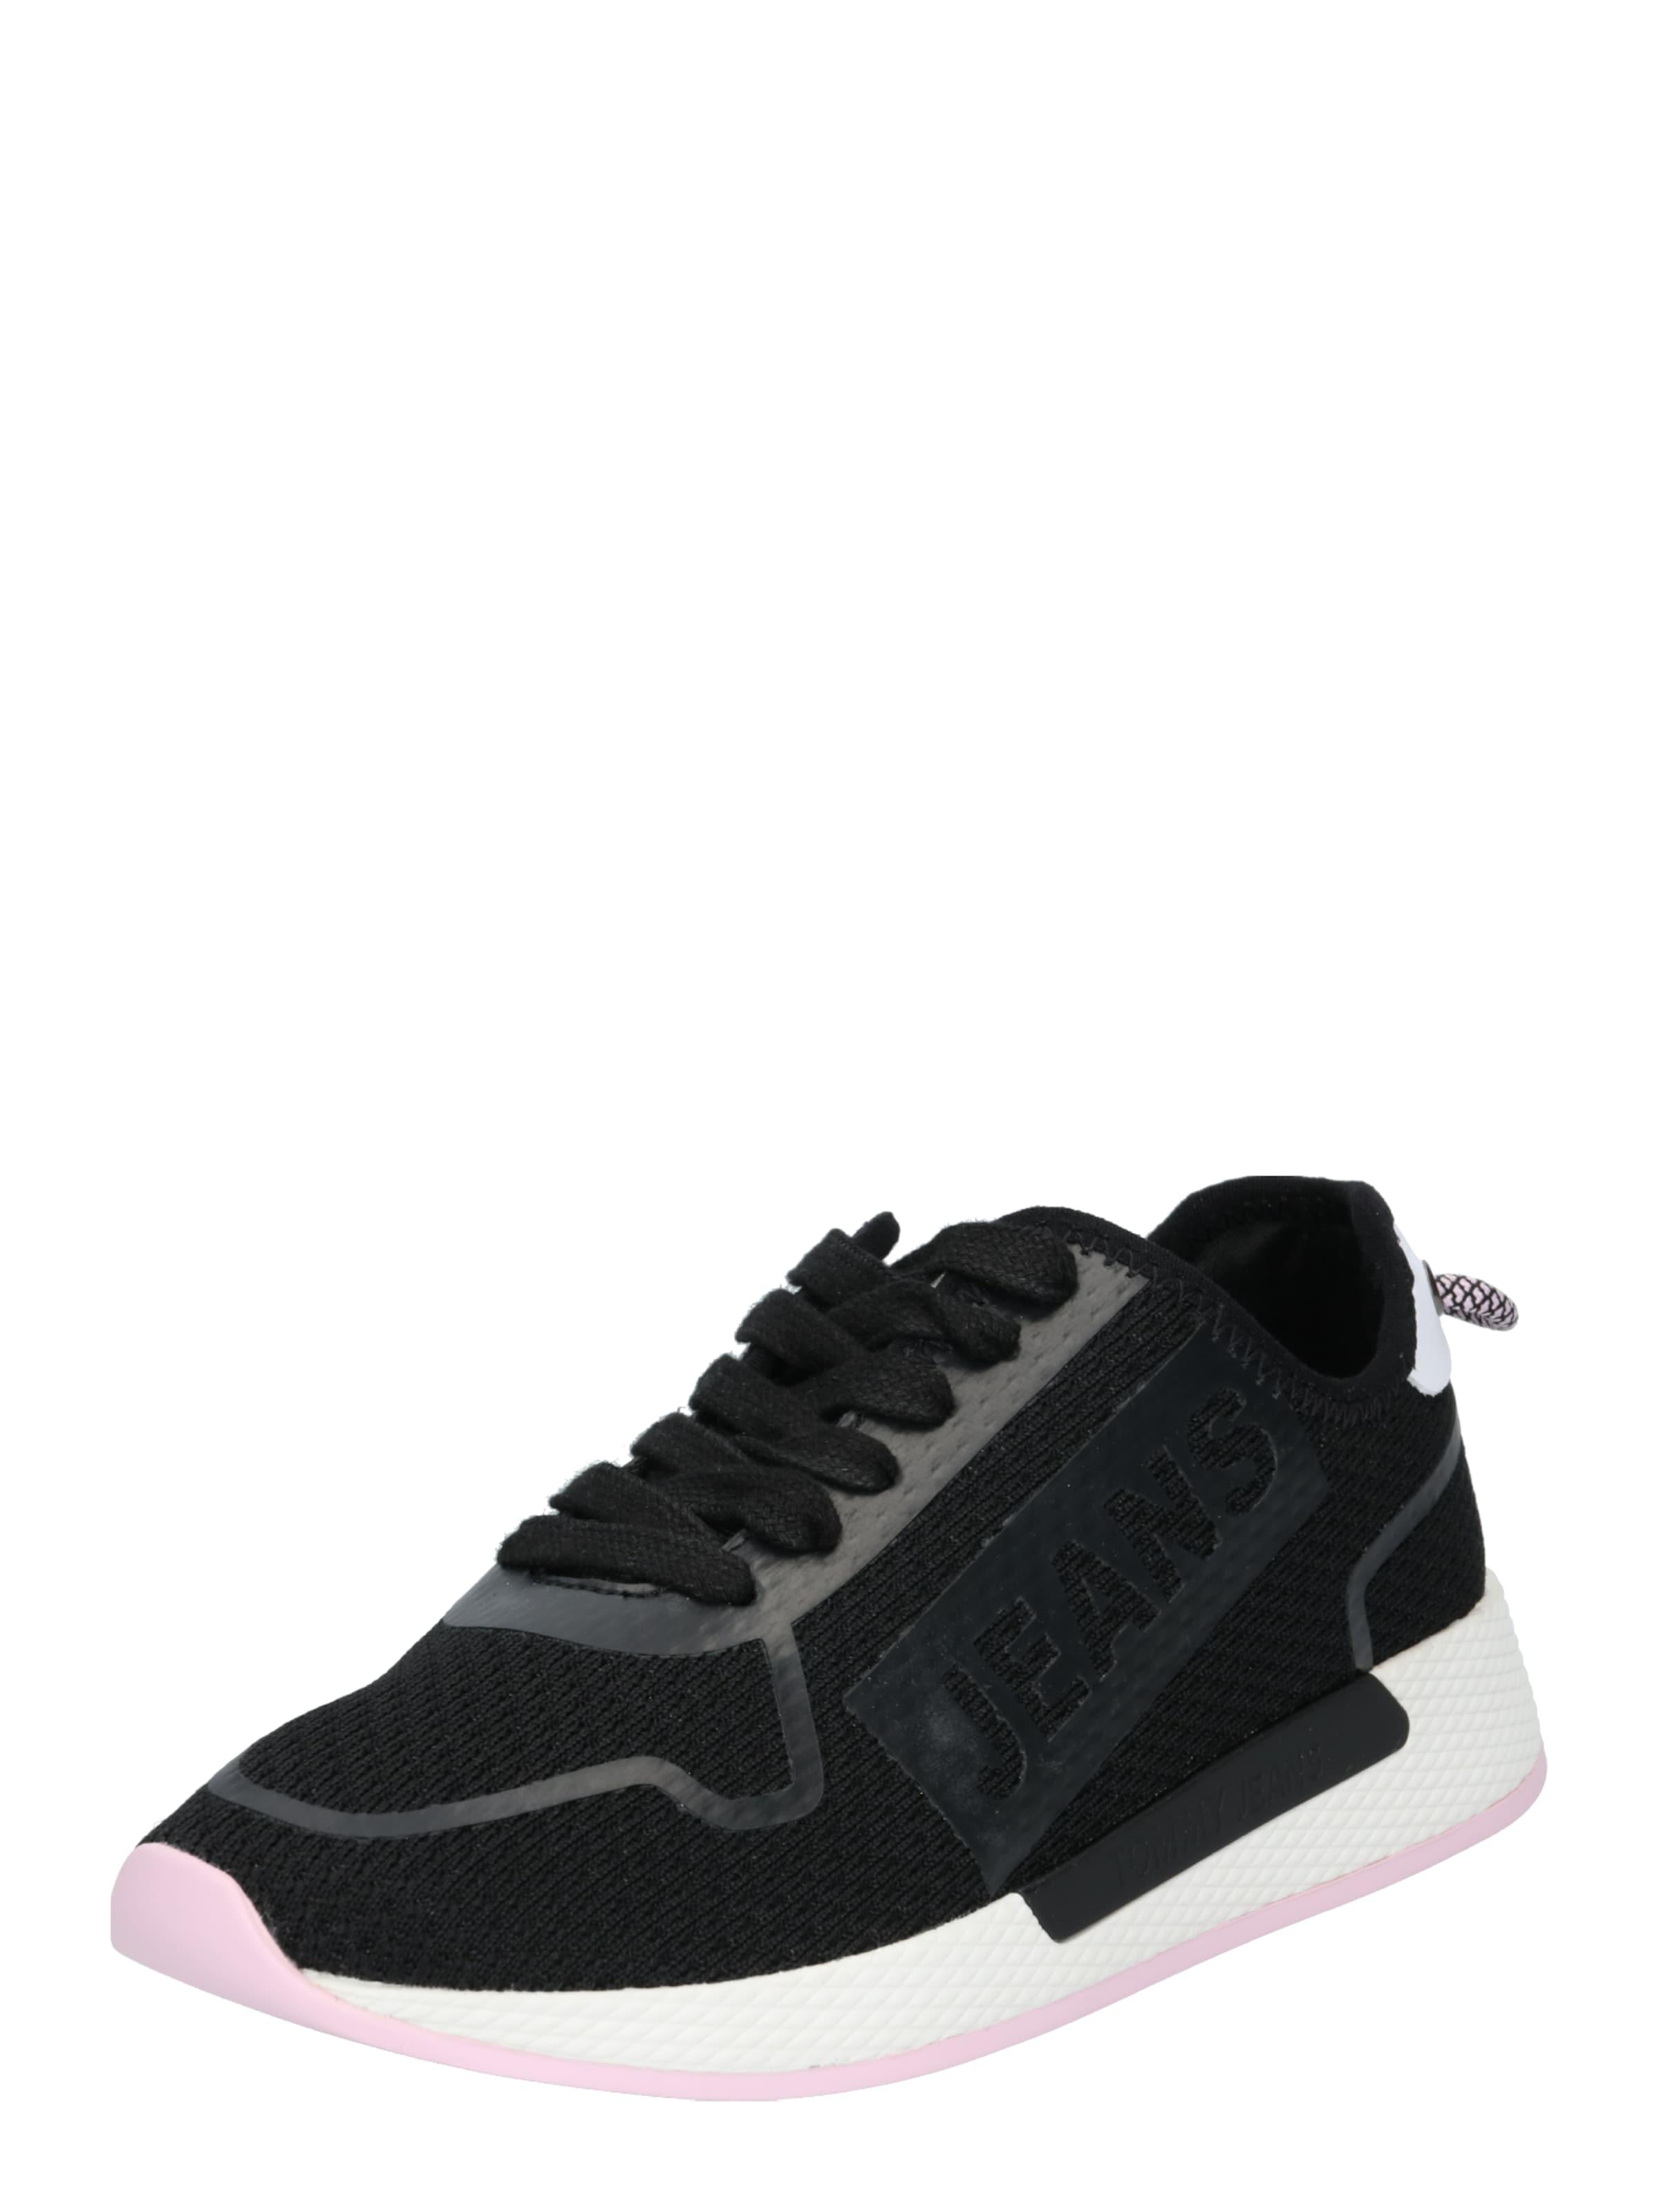 Technical Jeans Sneaker Flexi In Sneaker' Tommy Schwarz 'wmns 0Pnw8XOk